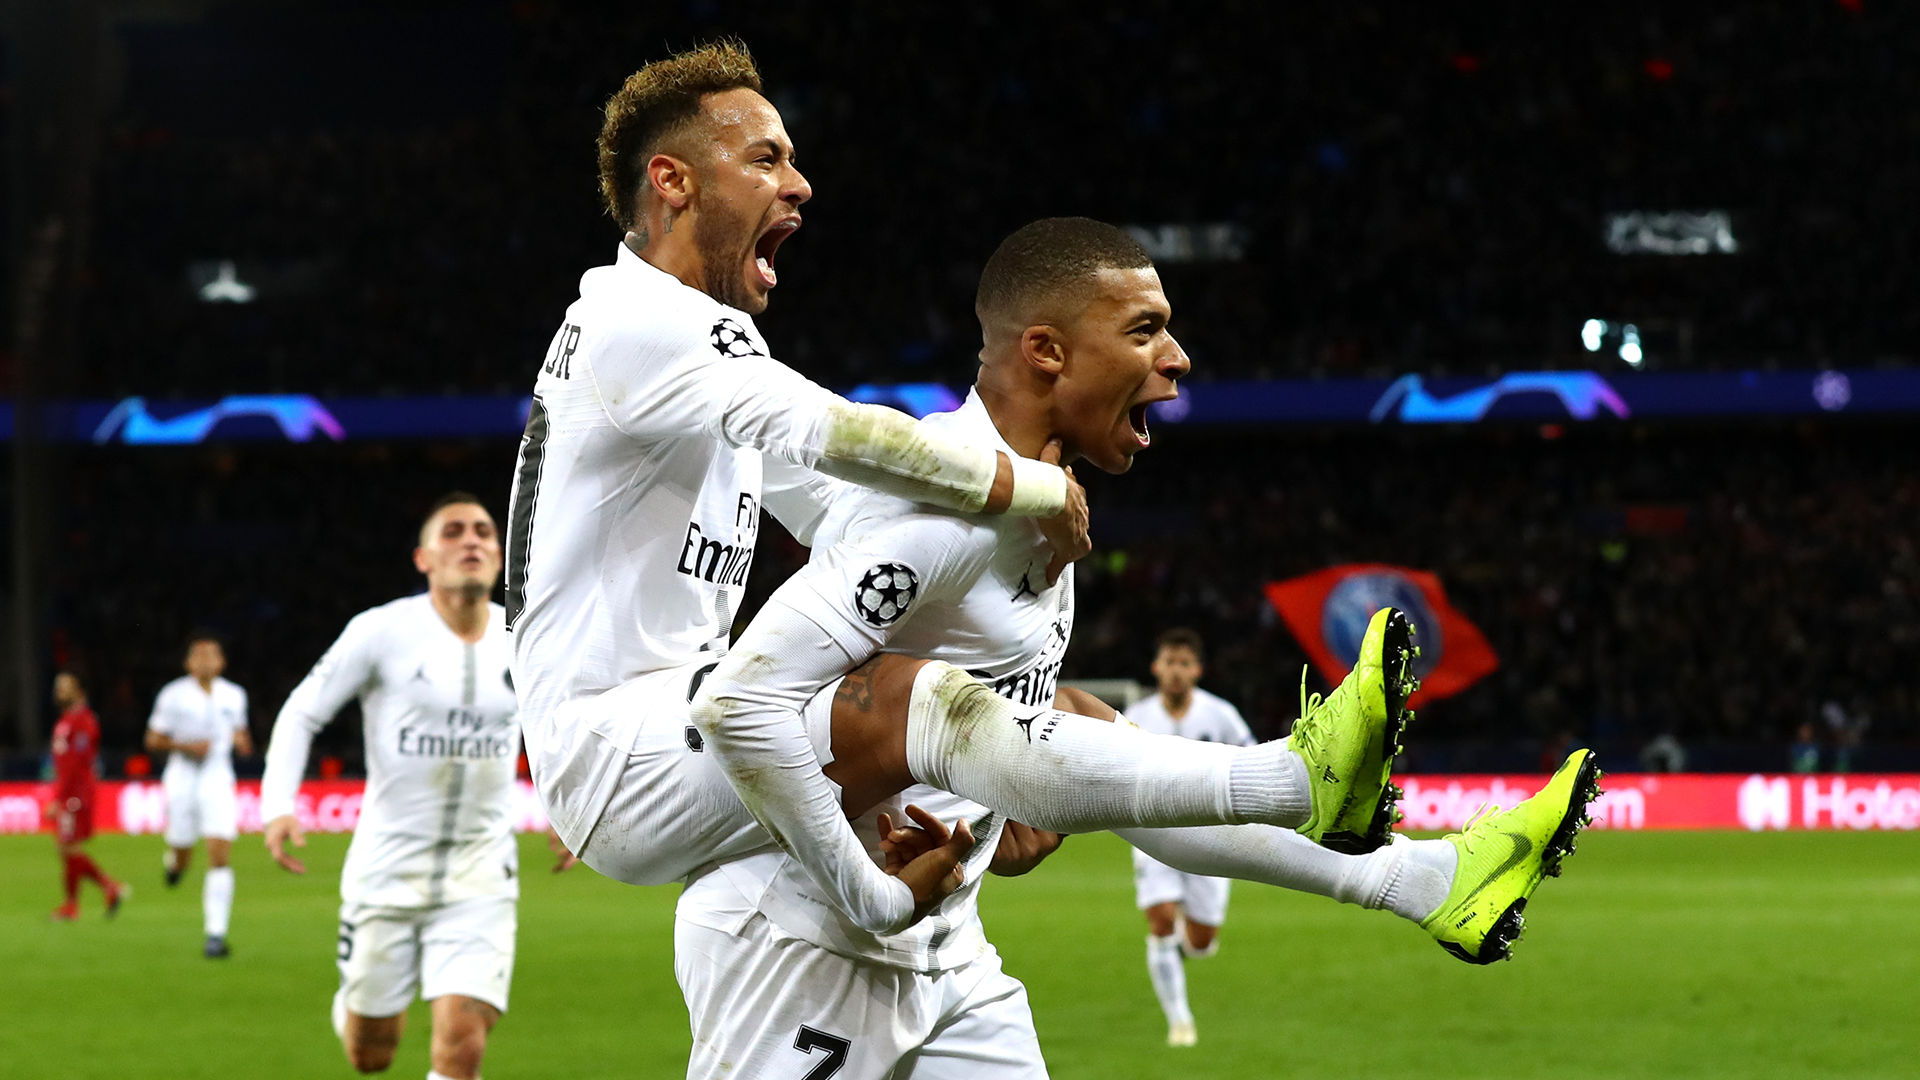 Sondage - Neymar et Mbappé en lice pour un futur Ballon d'Or ? Le sujet vous divise